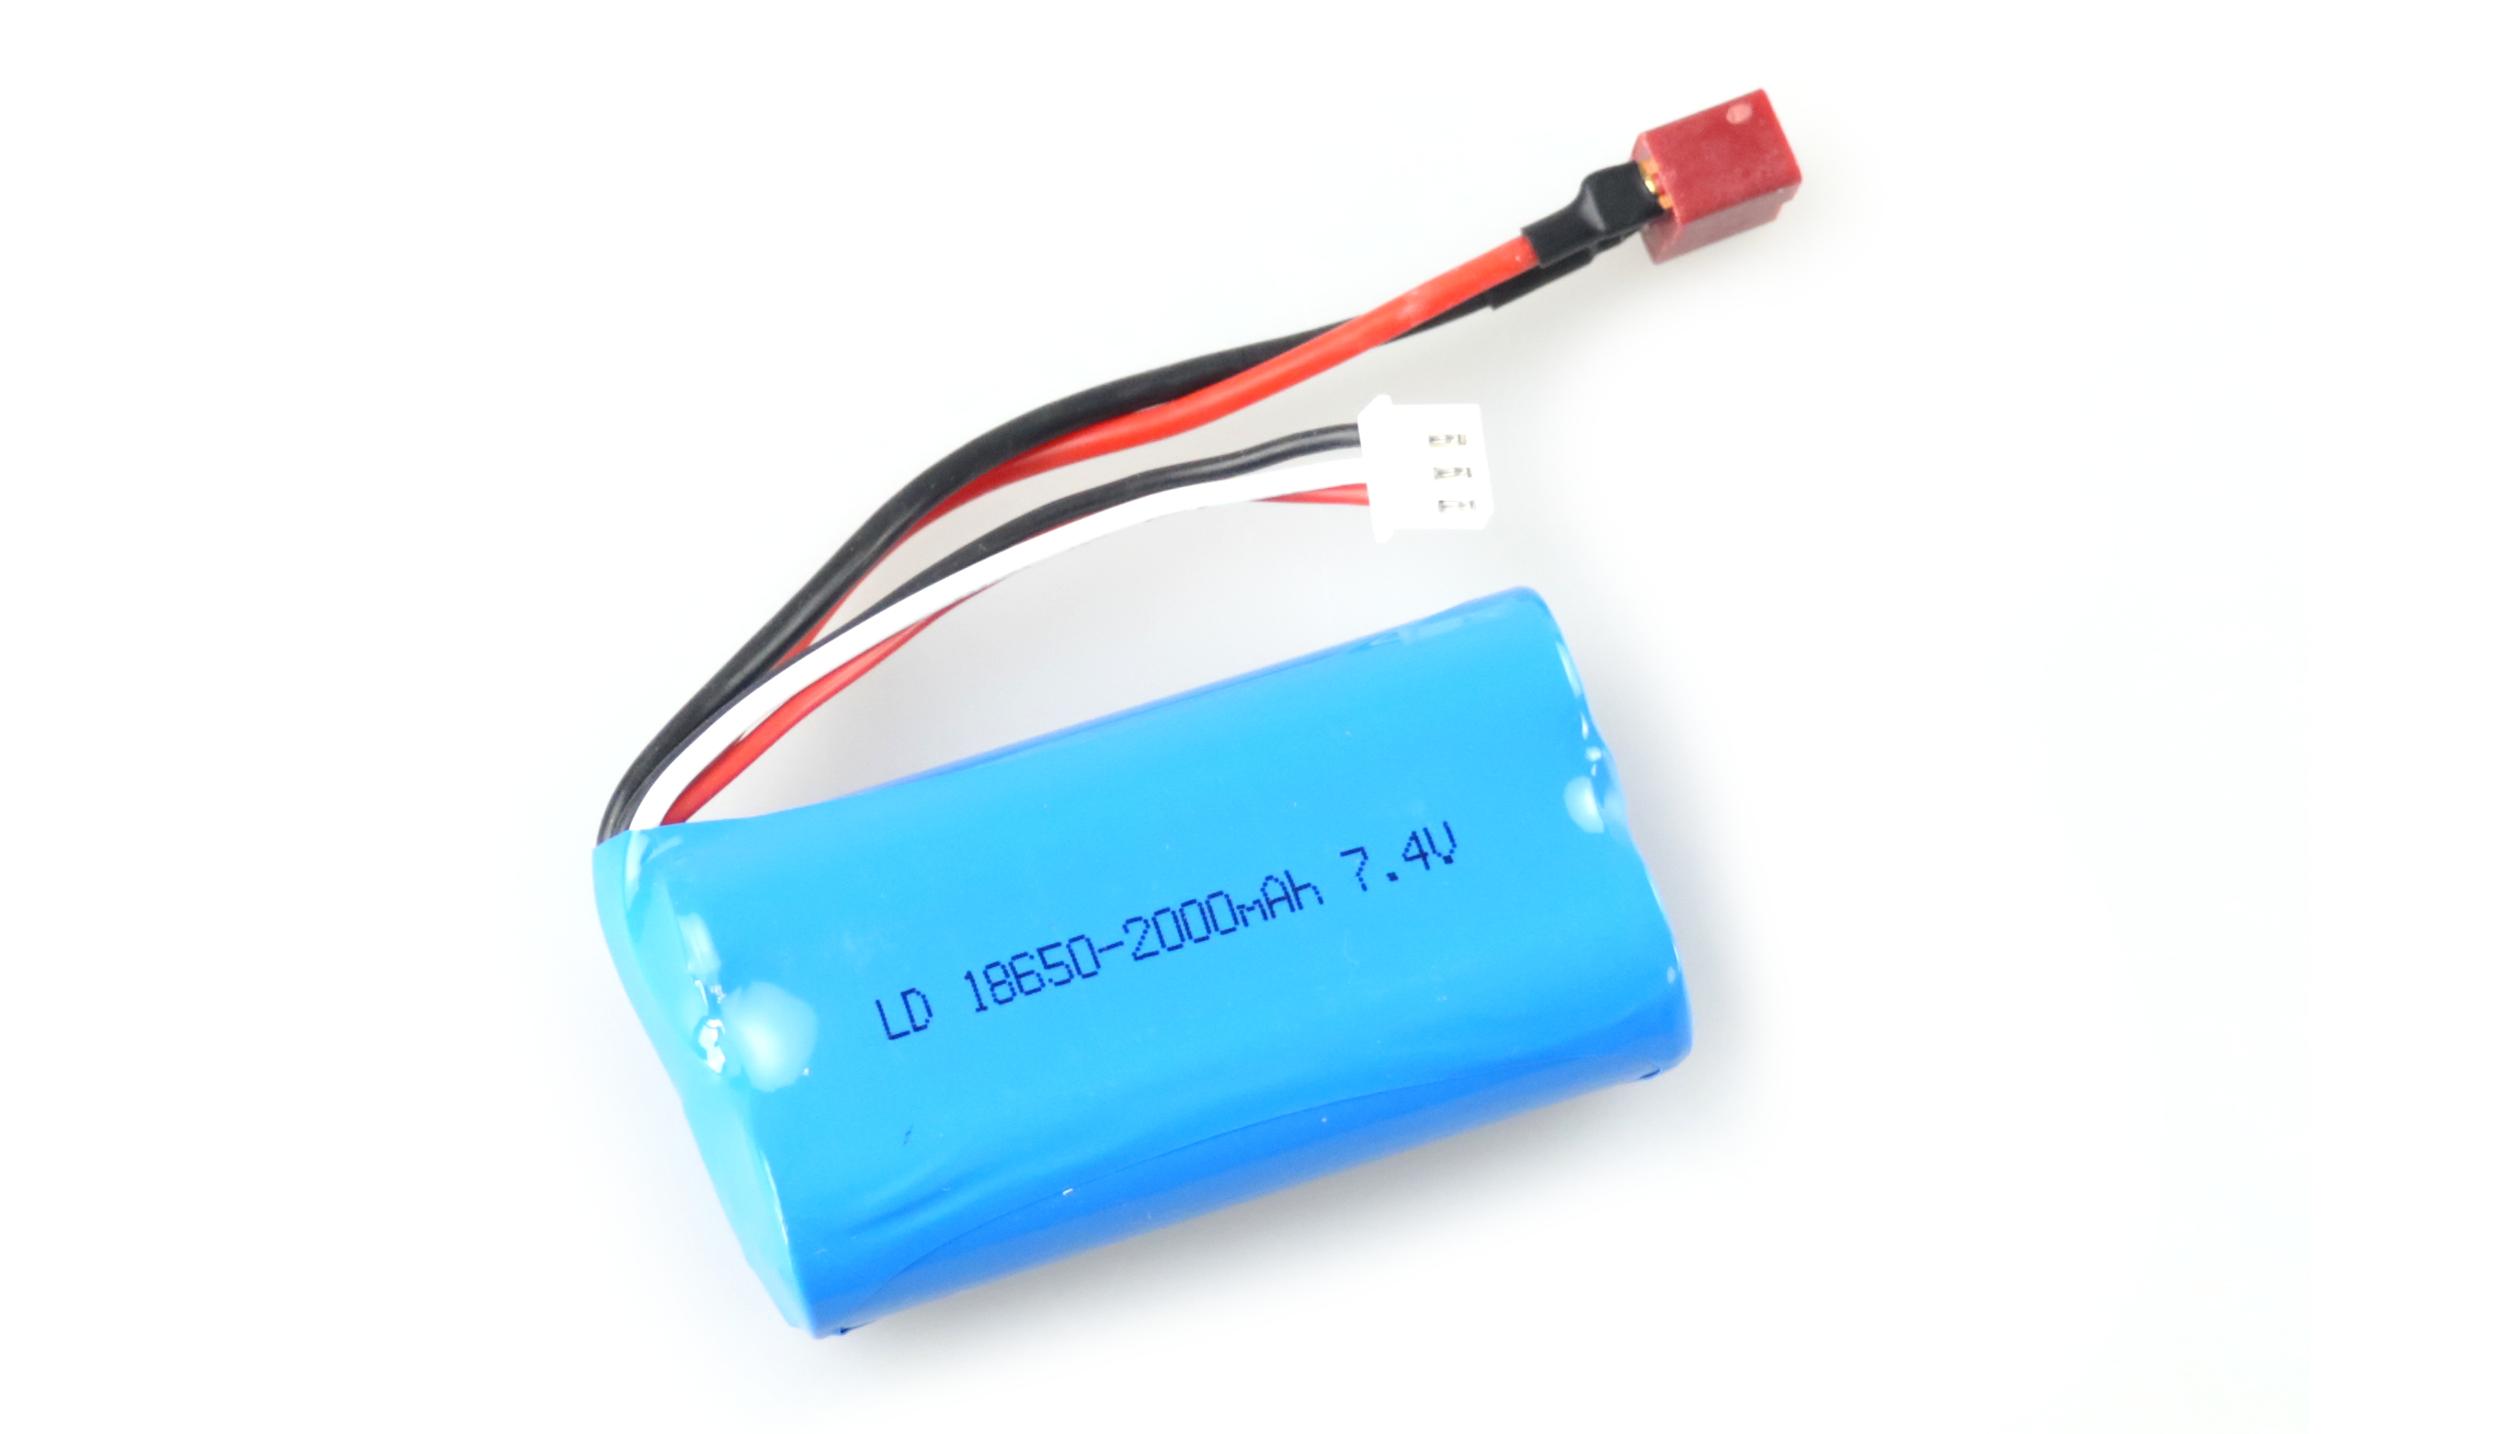 Akumulátor Li-Ion 7,4V / 2000 mAh, 2 články, T-plug + servisní kabel pro auta Across